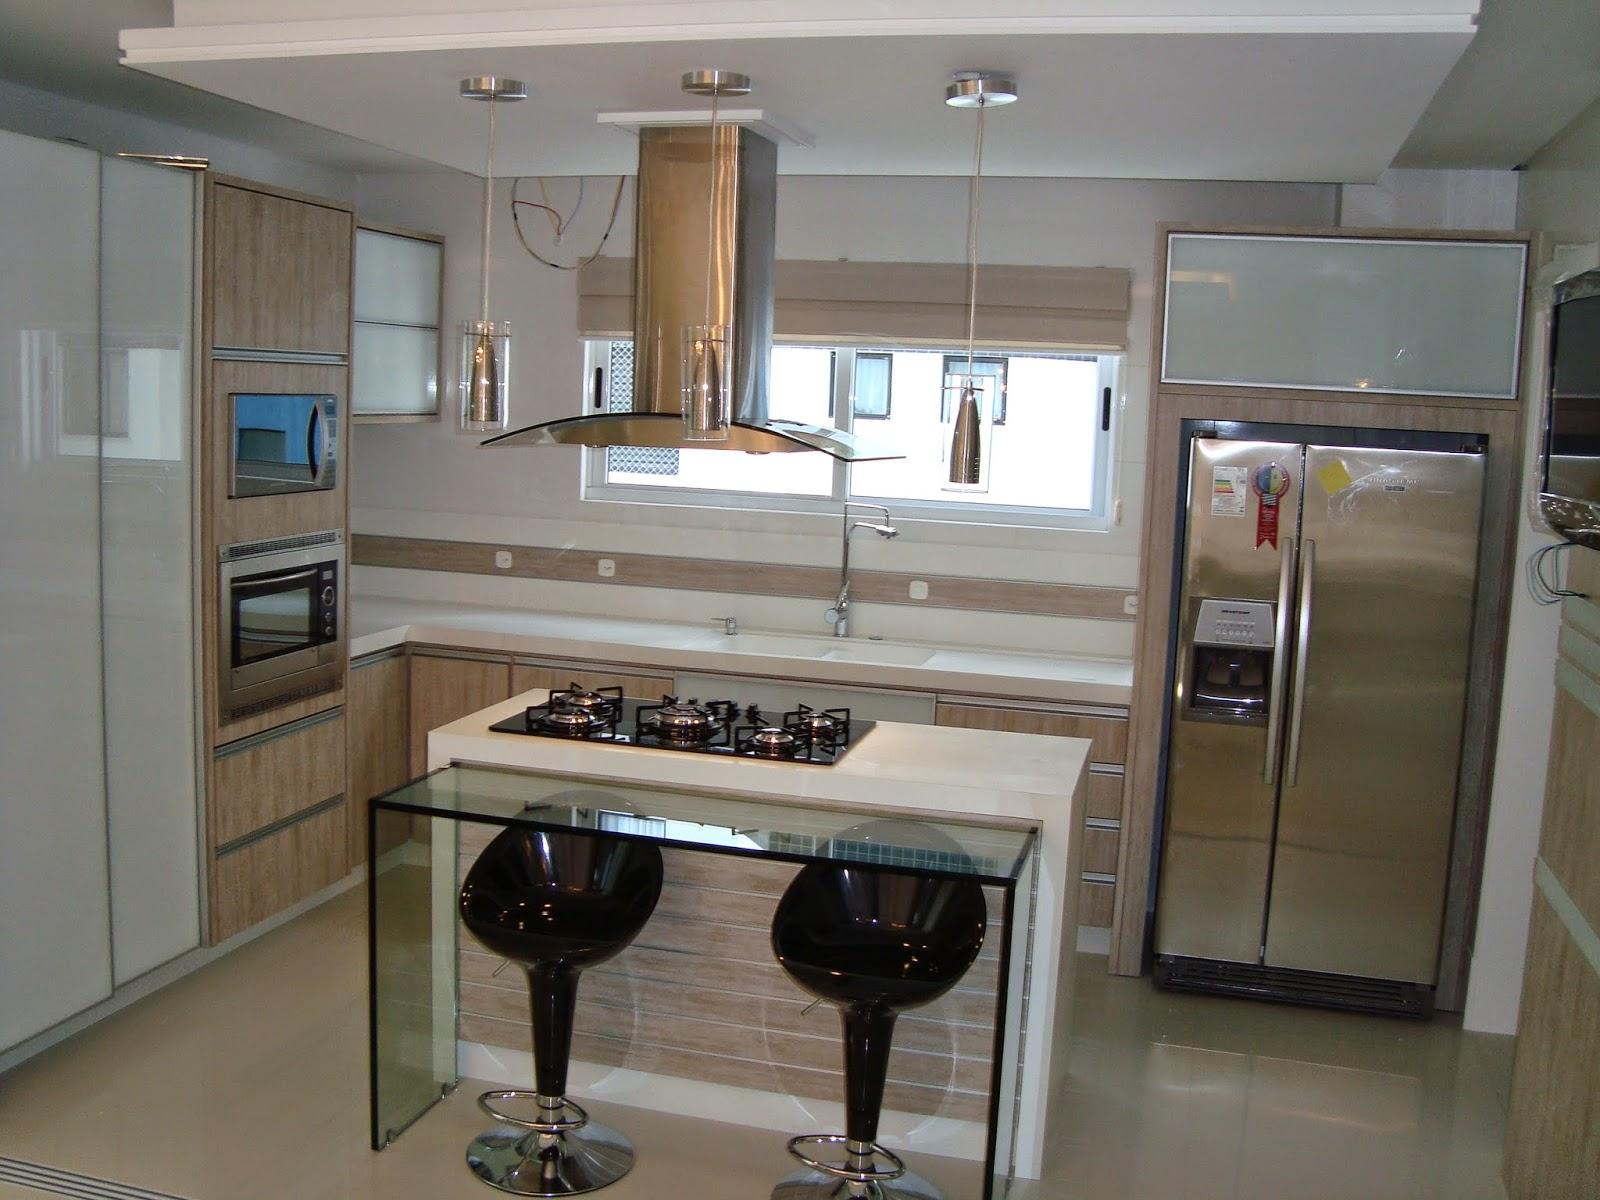 cozinhas pequenas com ilhas 2